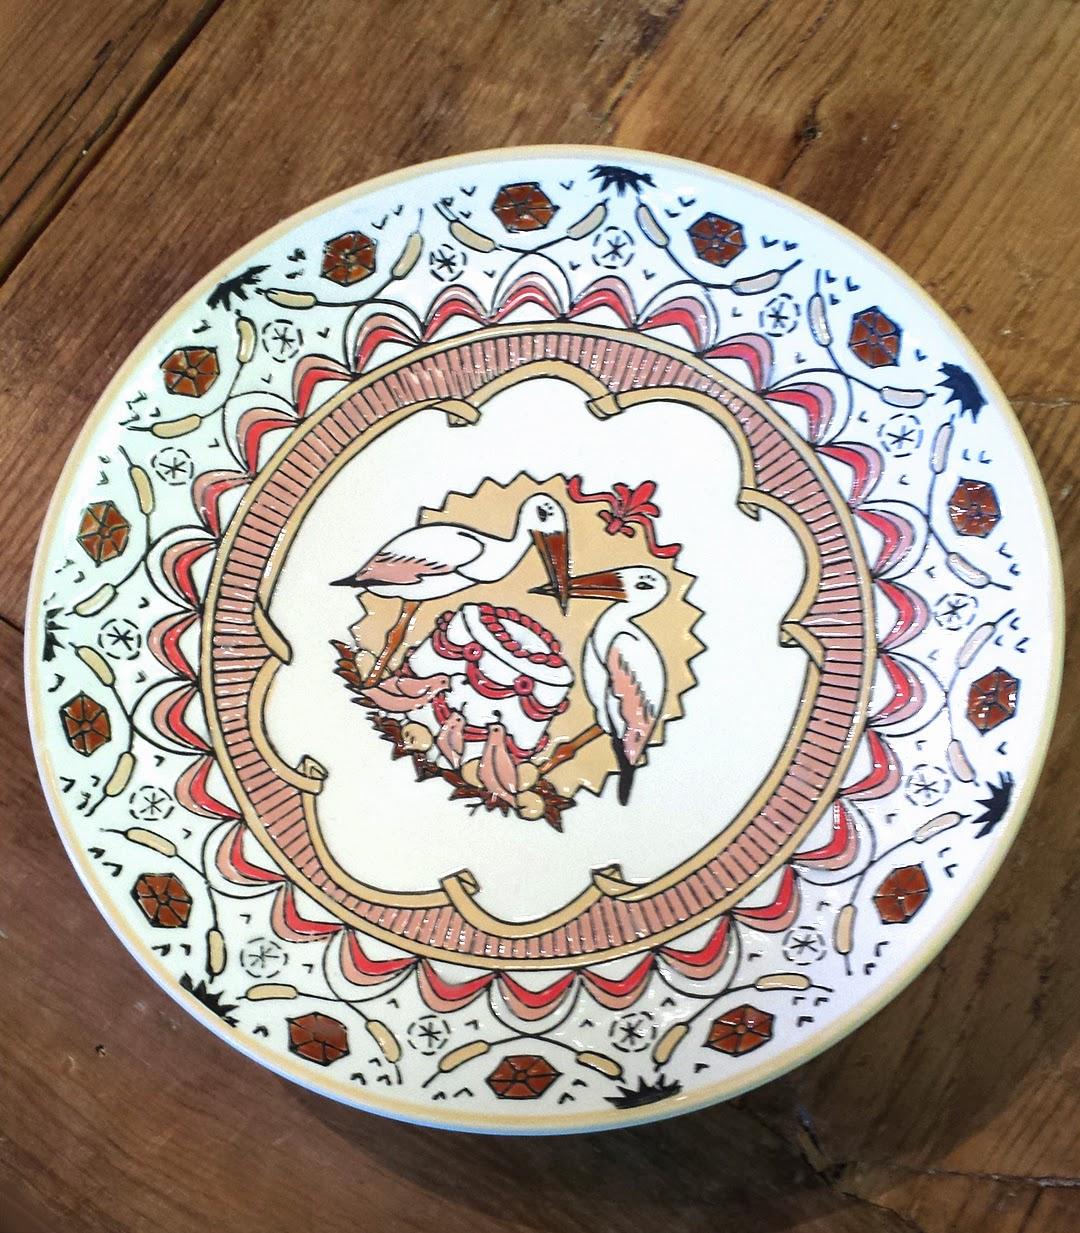 Blickesntaffs_JOSH_TALBOT_Plate.jpg